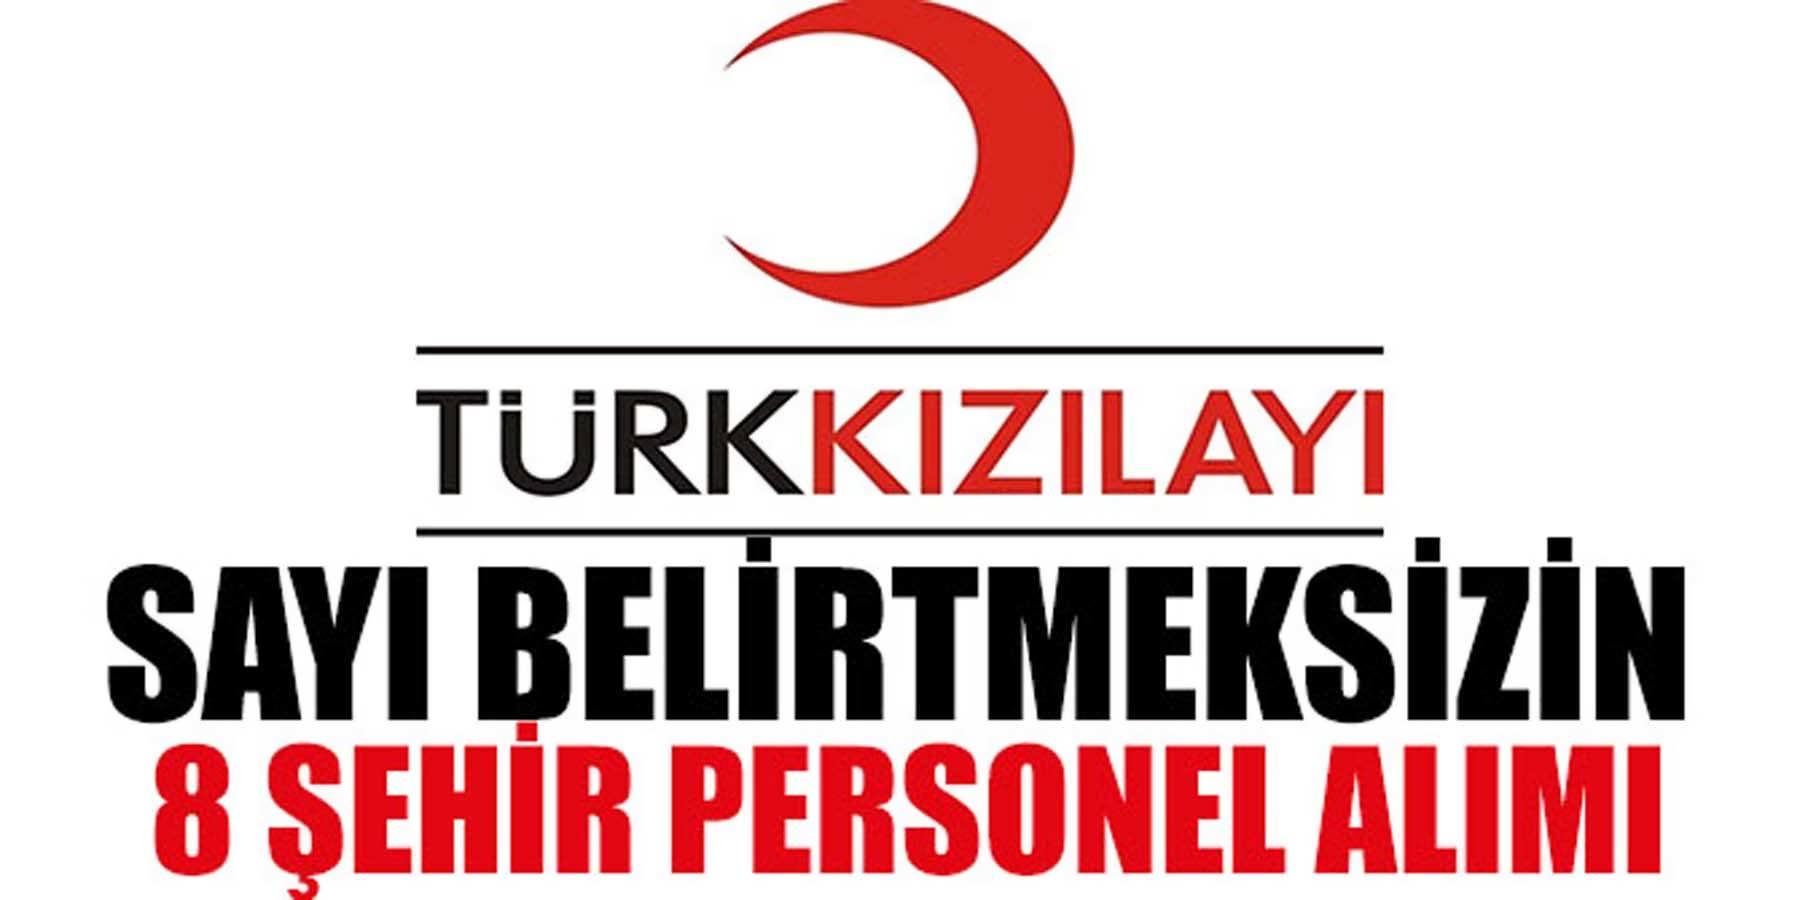 Türk Kızılay Sayı Belirtmeden Personel Alımı Yapıyor